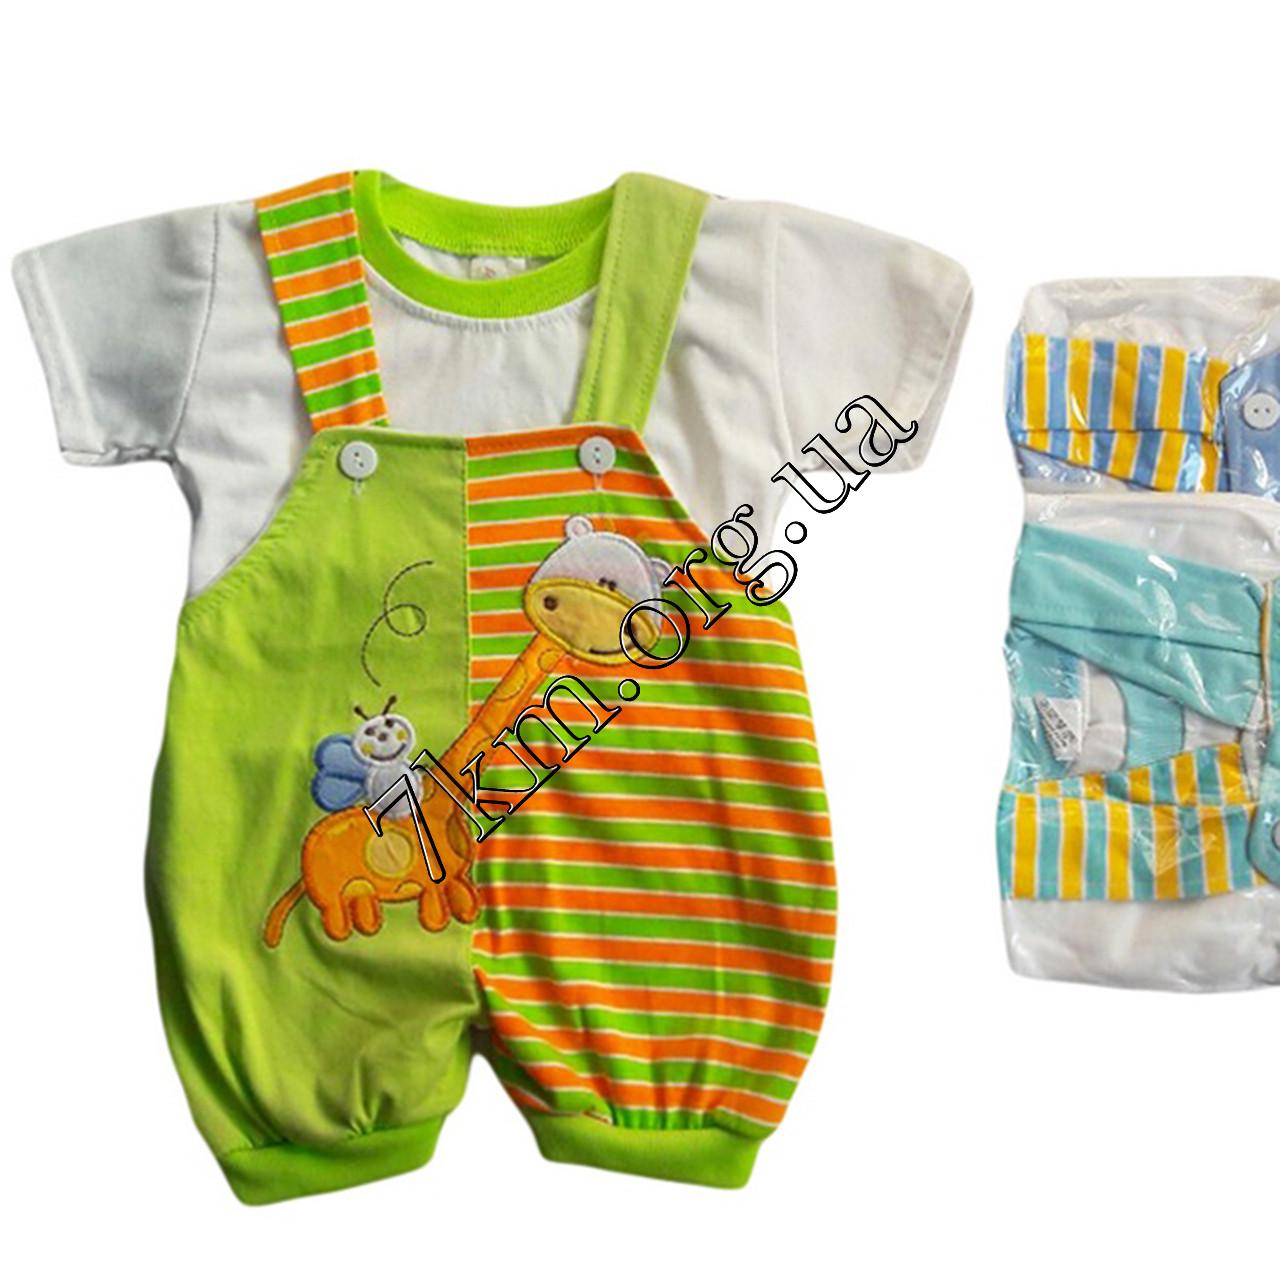 """Набор детский трикотаж для мальчиков """"Жирафик"""" 6-24 месяца Оптом 300441"""